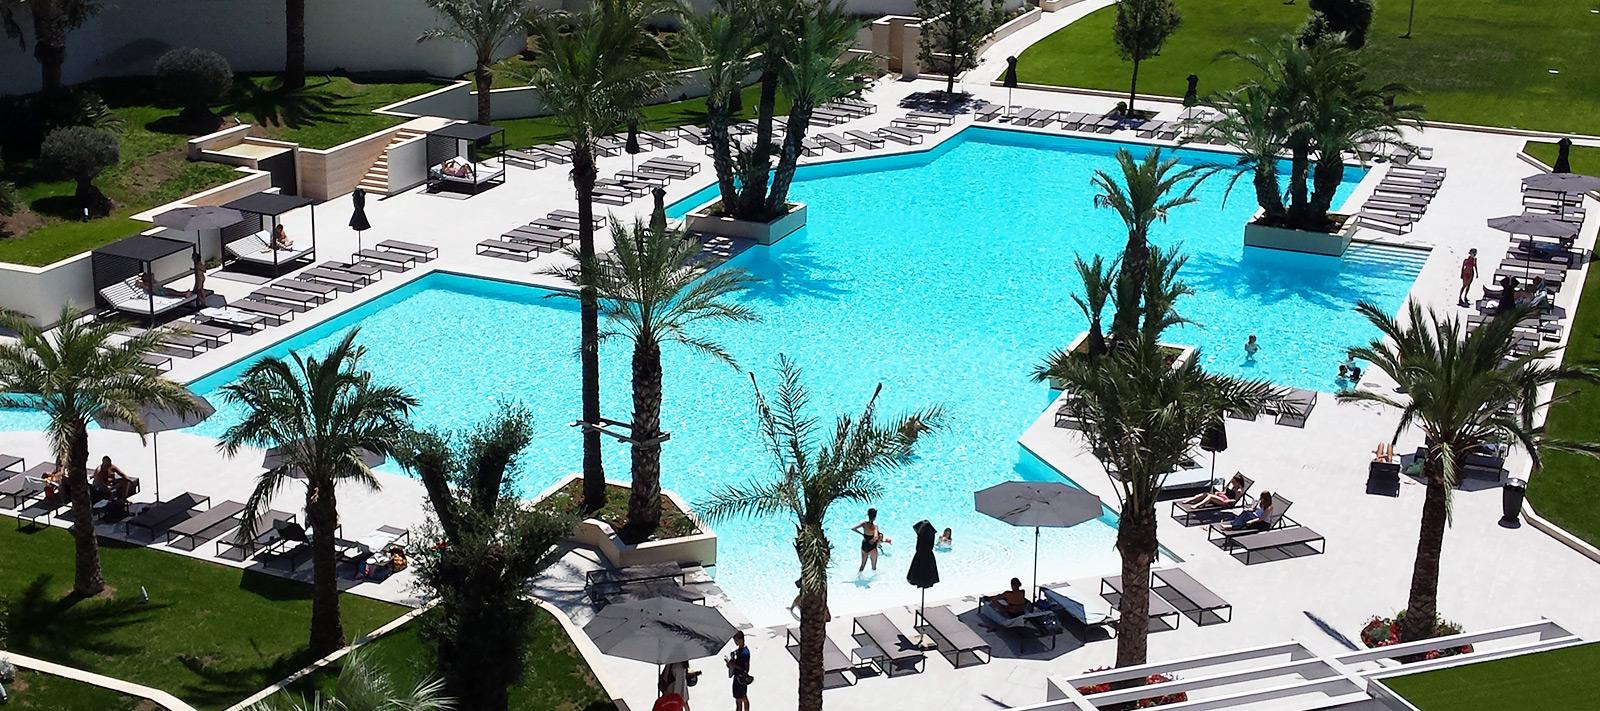 piscine hotel culligan